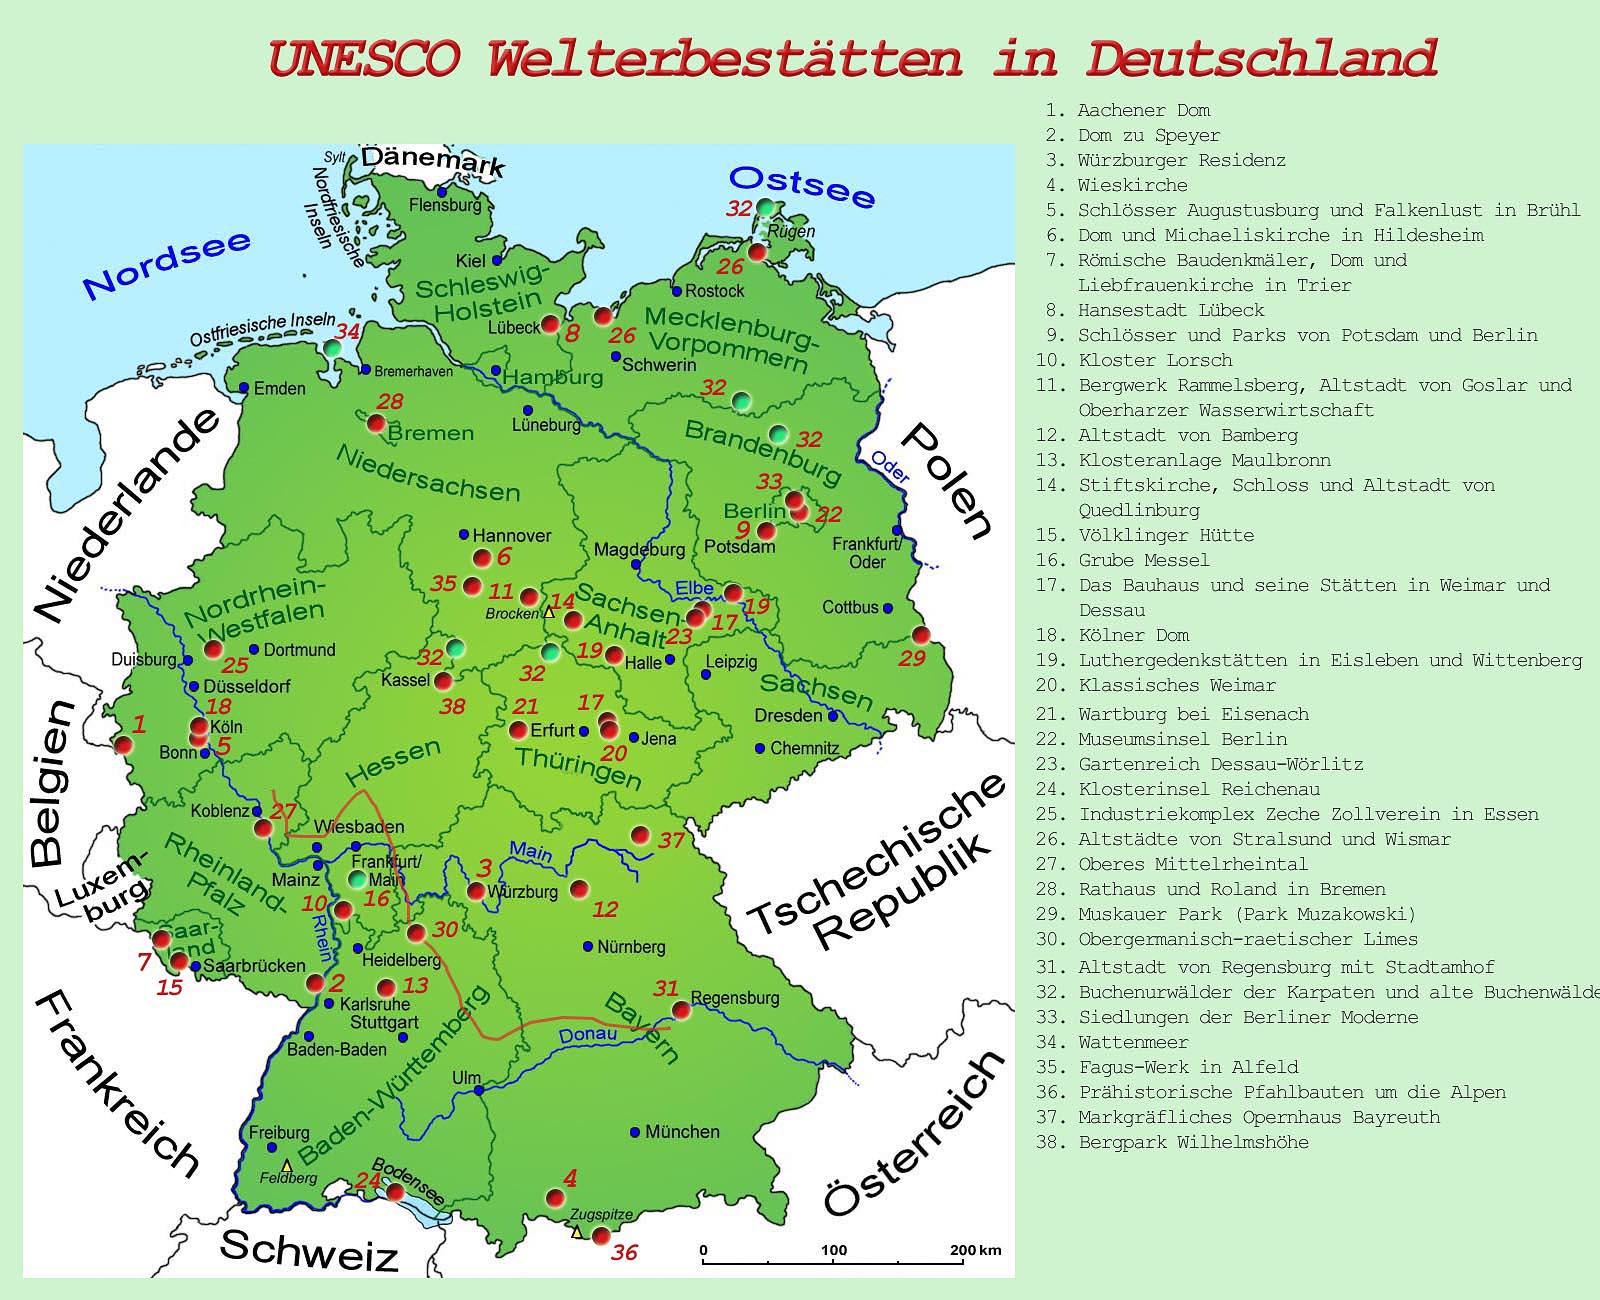 Deutschlandkarte Screenshot Unesco Welterbe